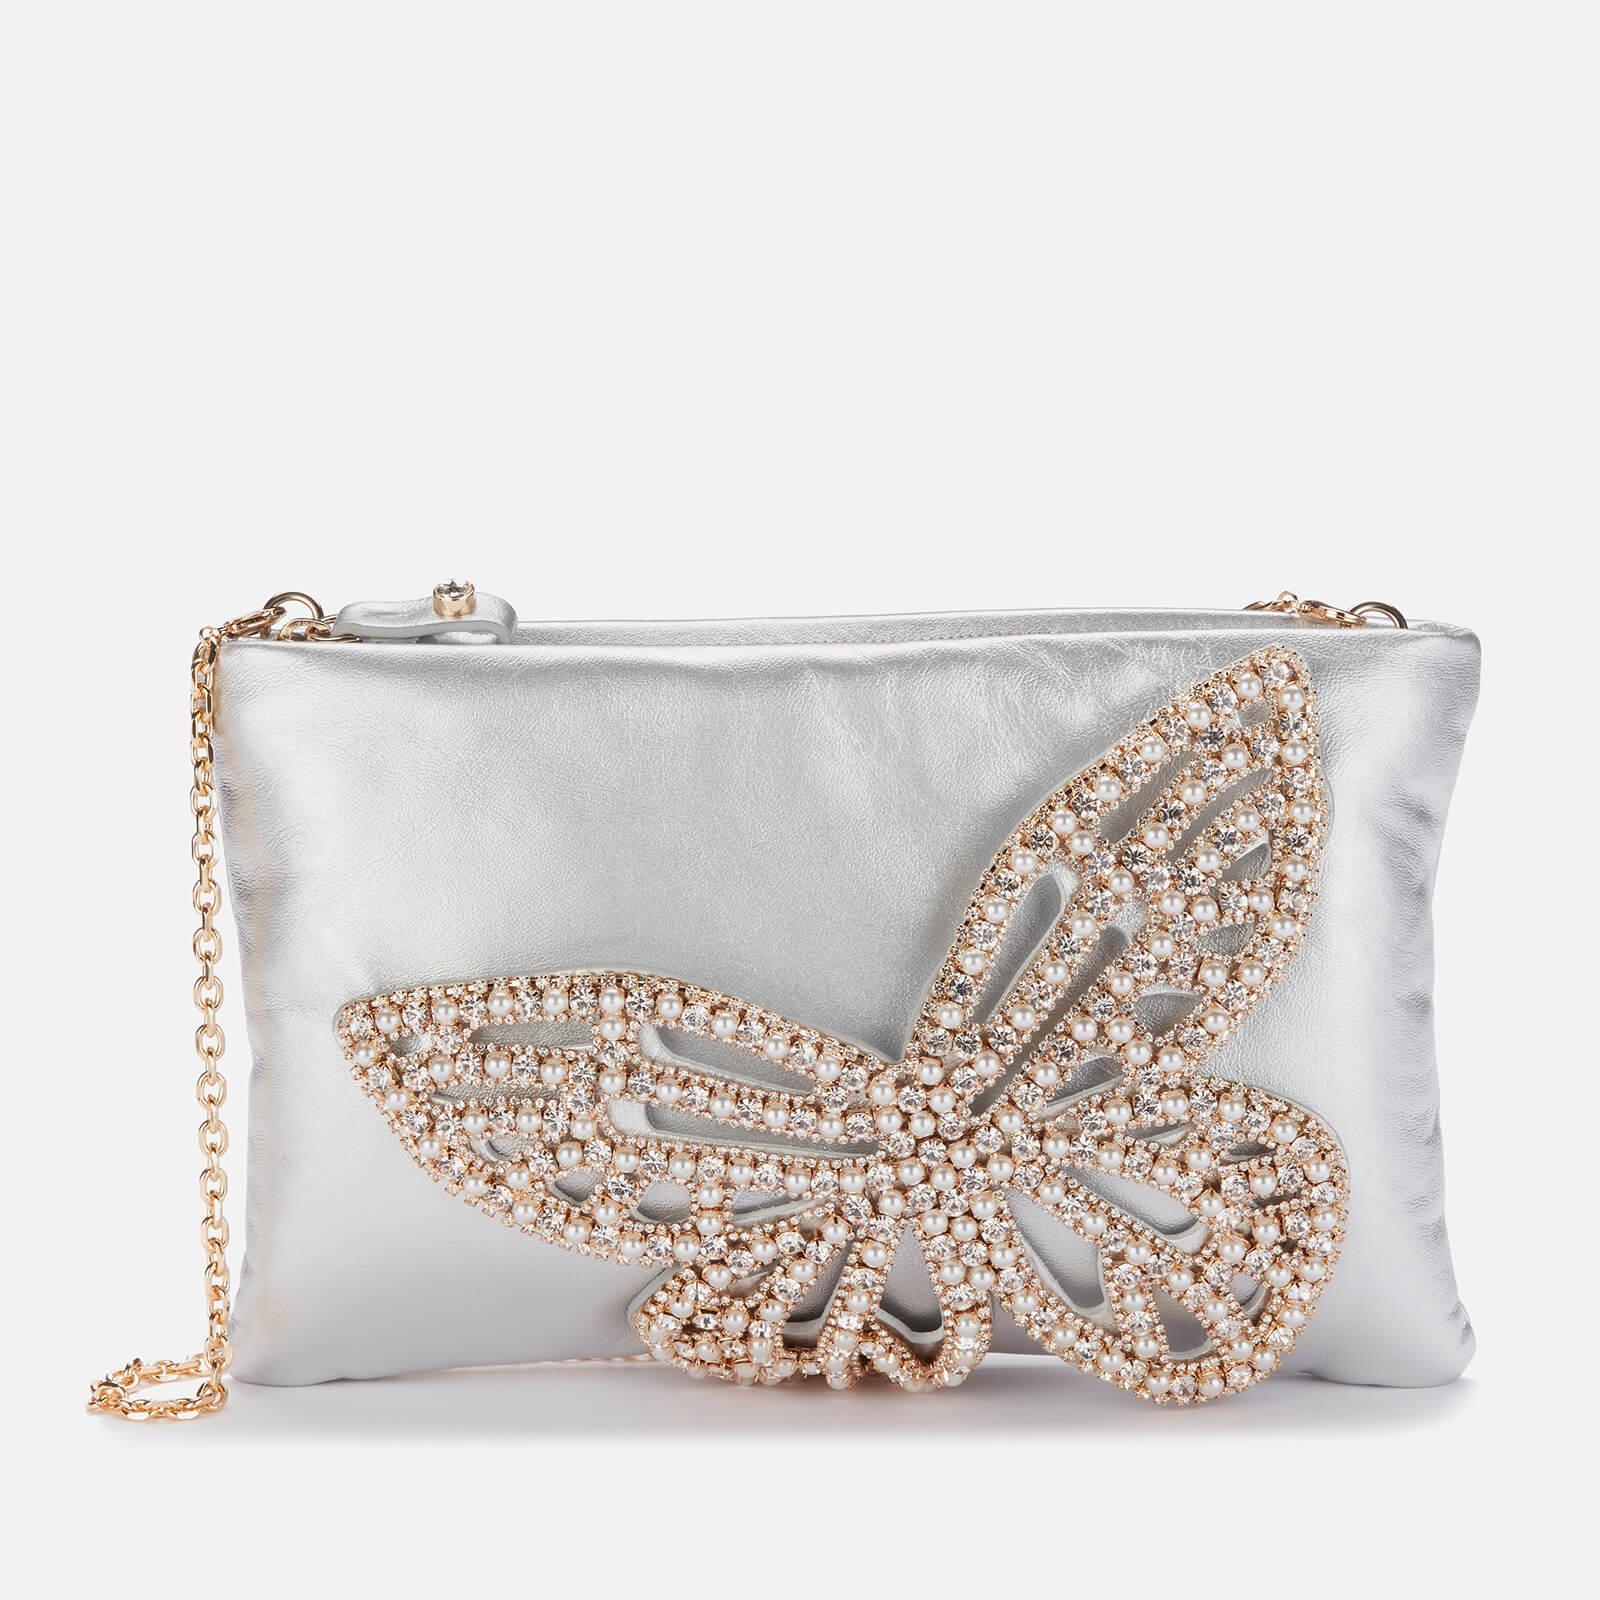 Sophia Webster Women's Flossy Crystal Clutch - Silver & Pearl